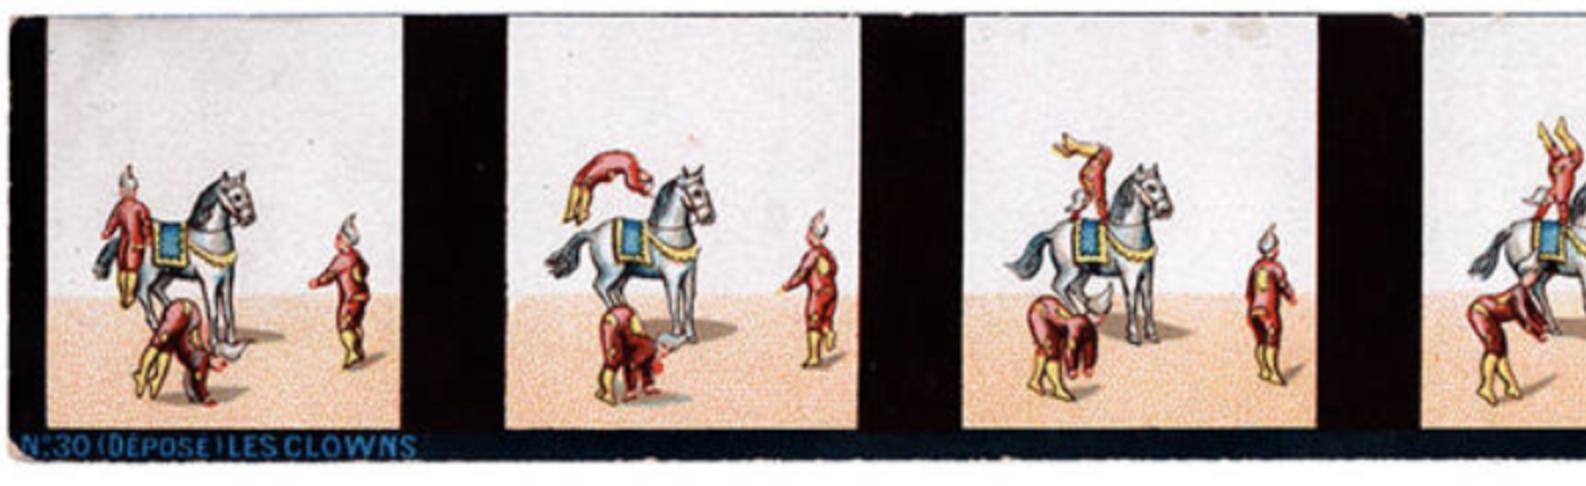 Bande d'un praxinoscope représentant les cabrioles de 3 clowns - détail